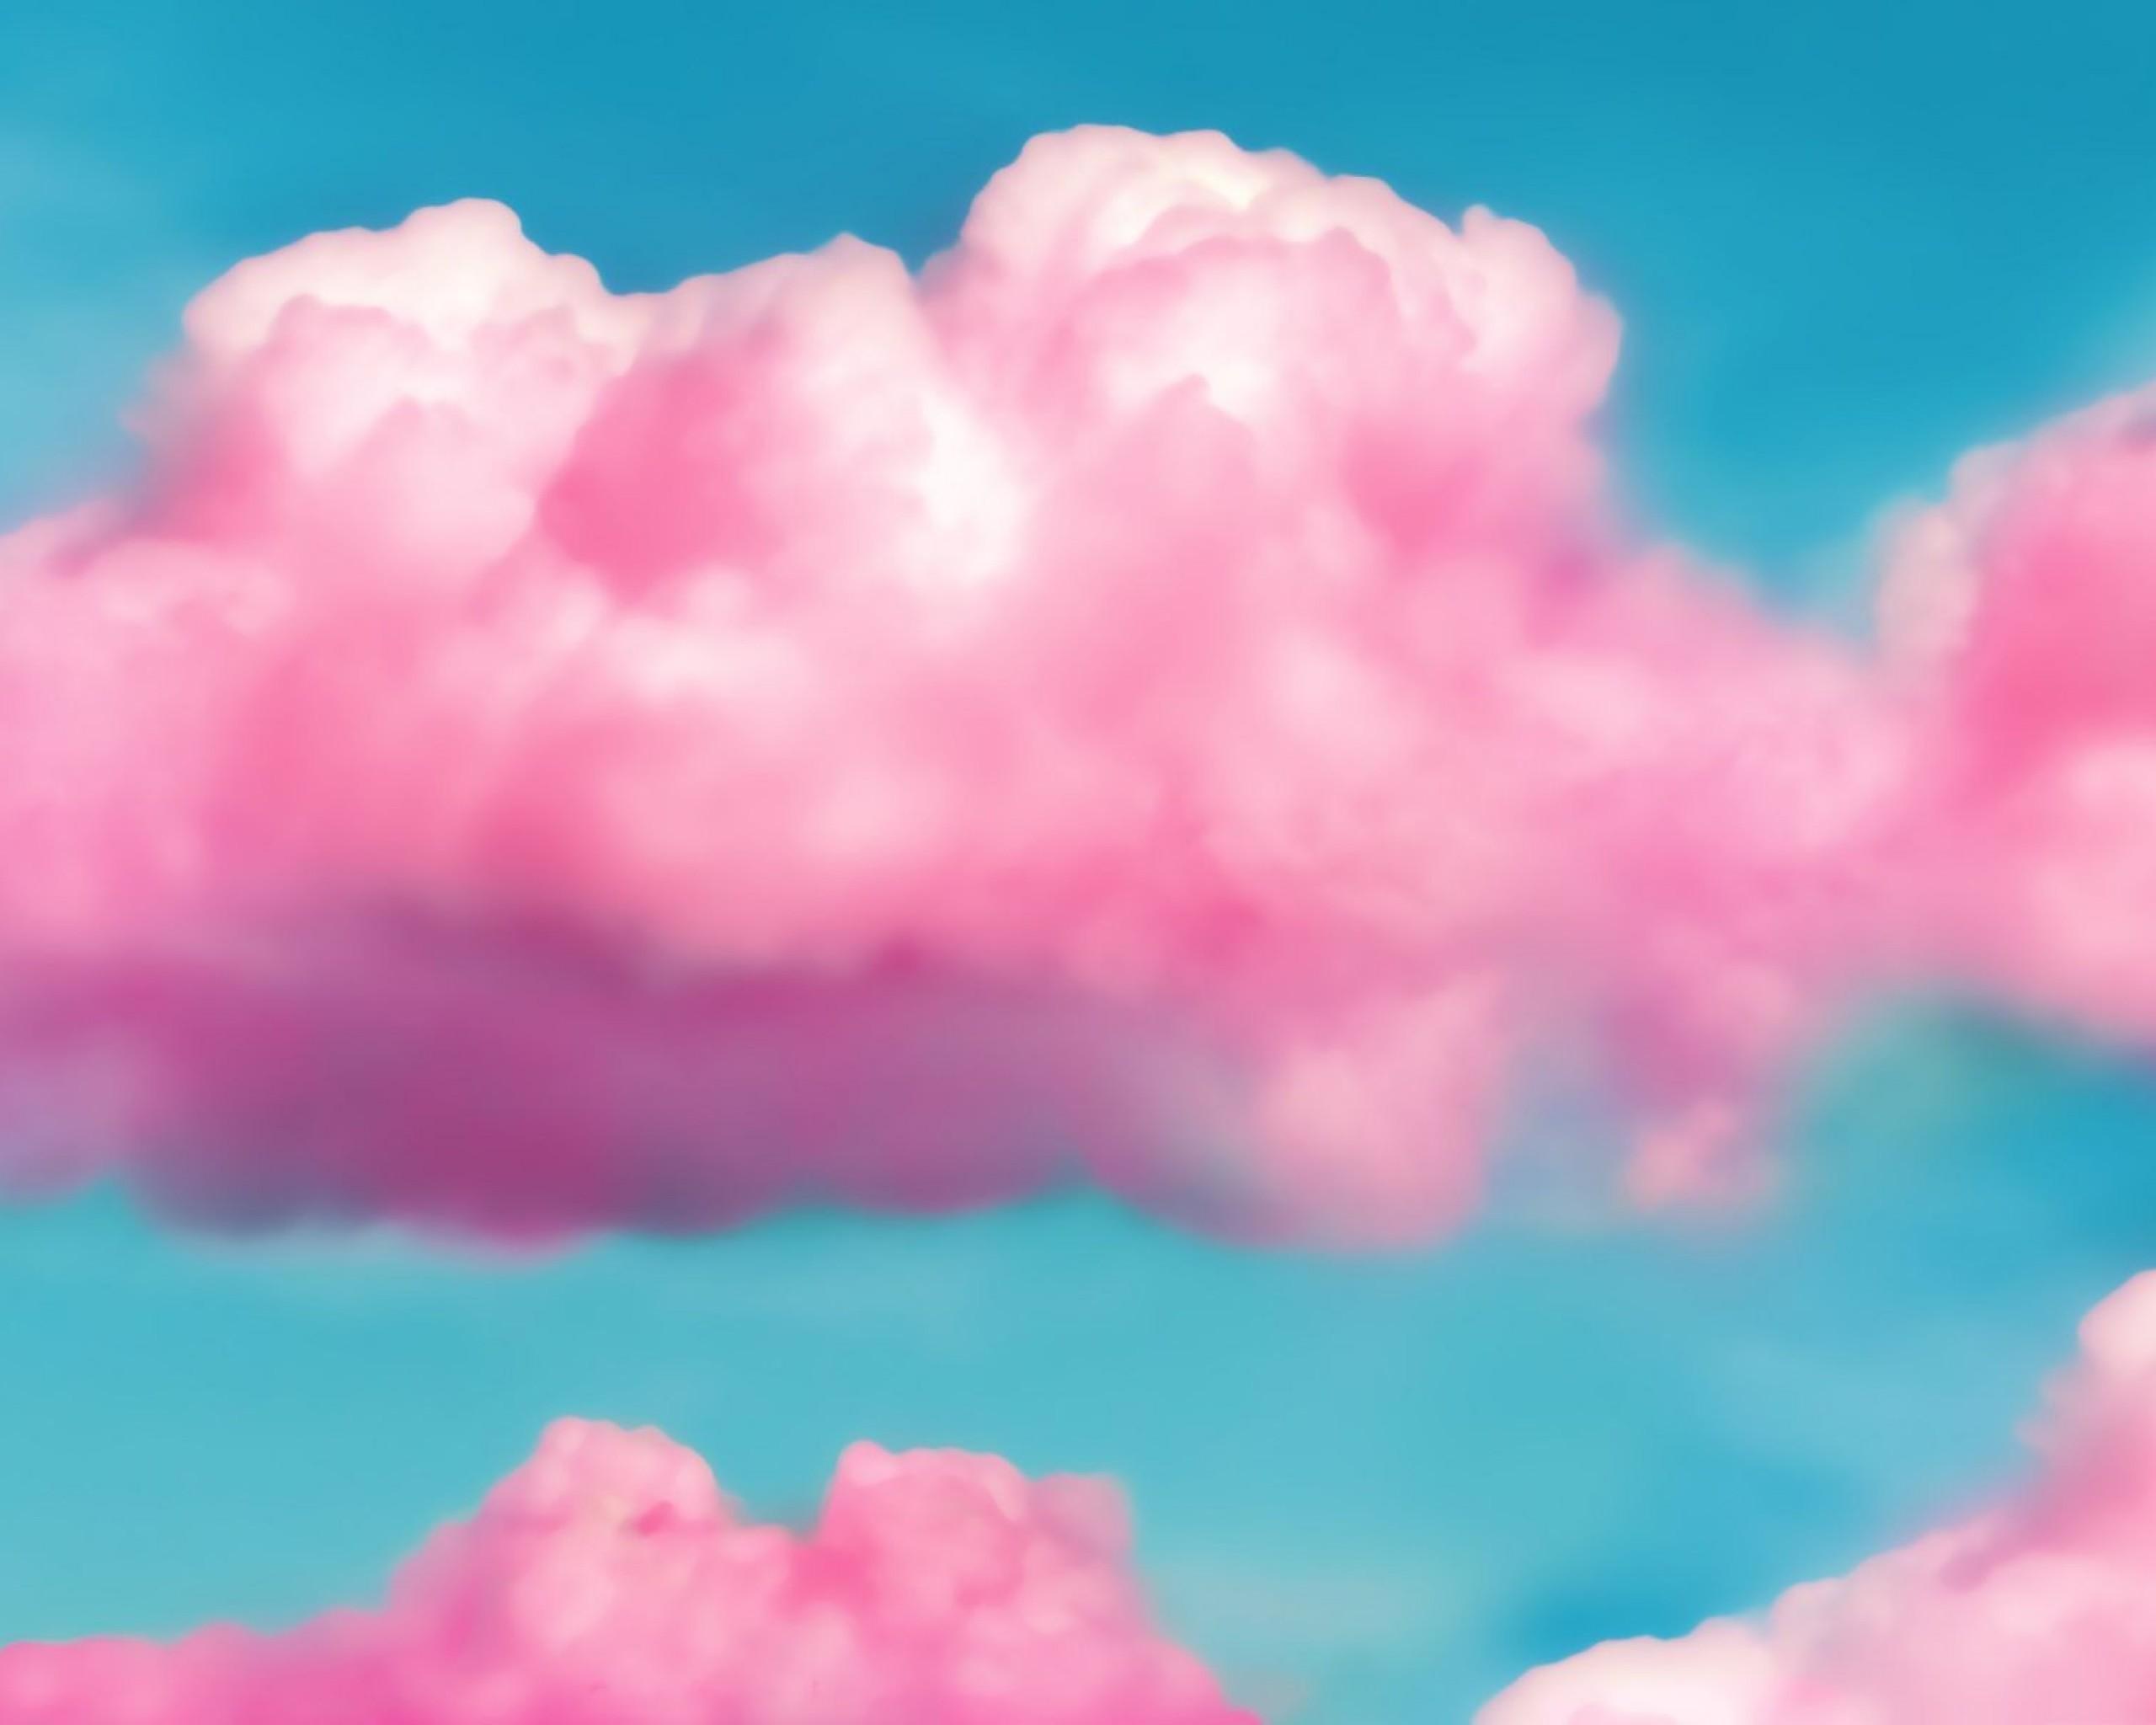 Soft Pink Cloud Wallpaper